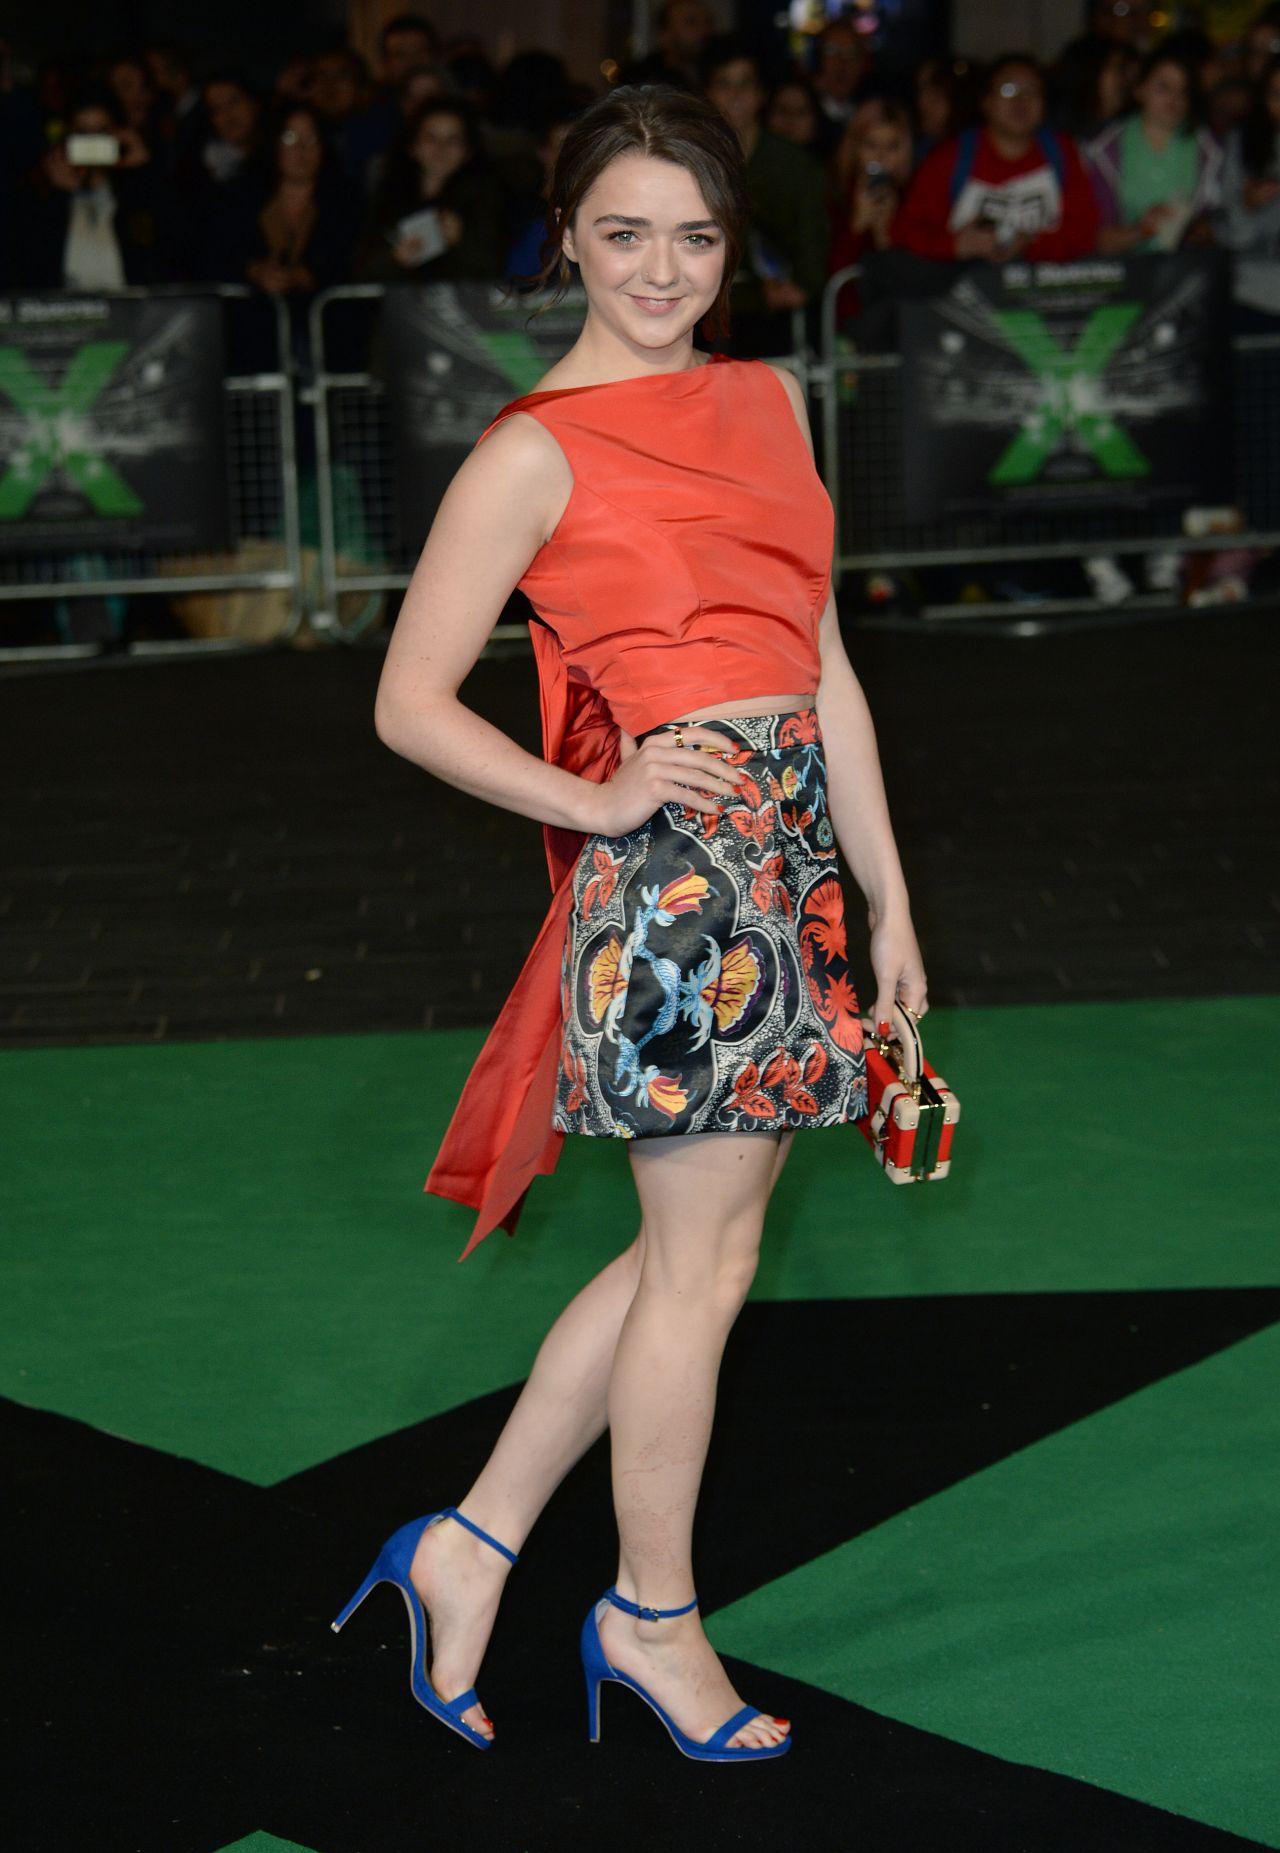 legs Maisie williams